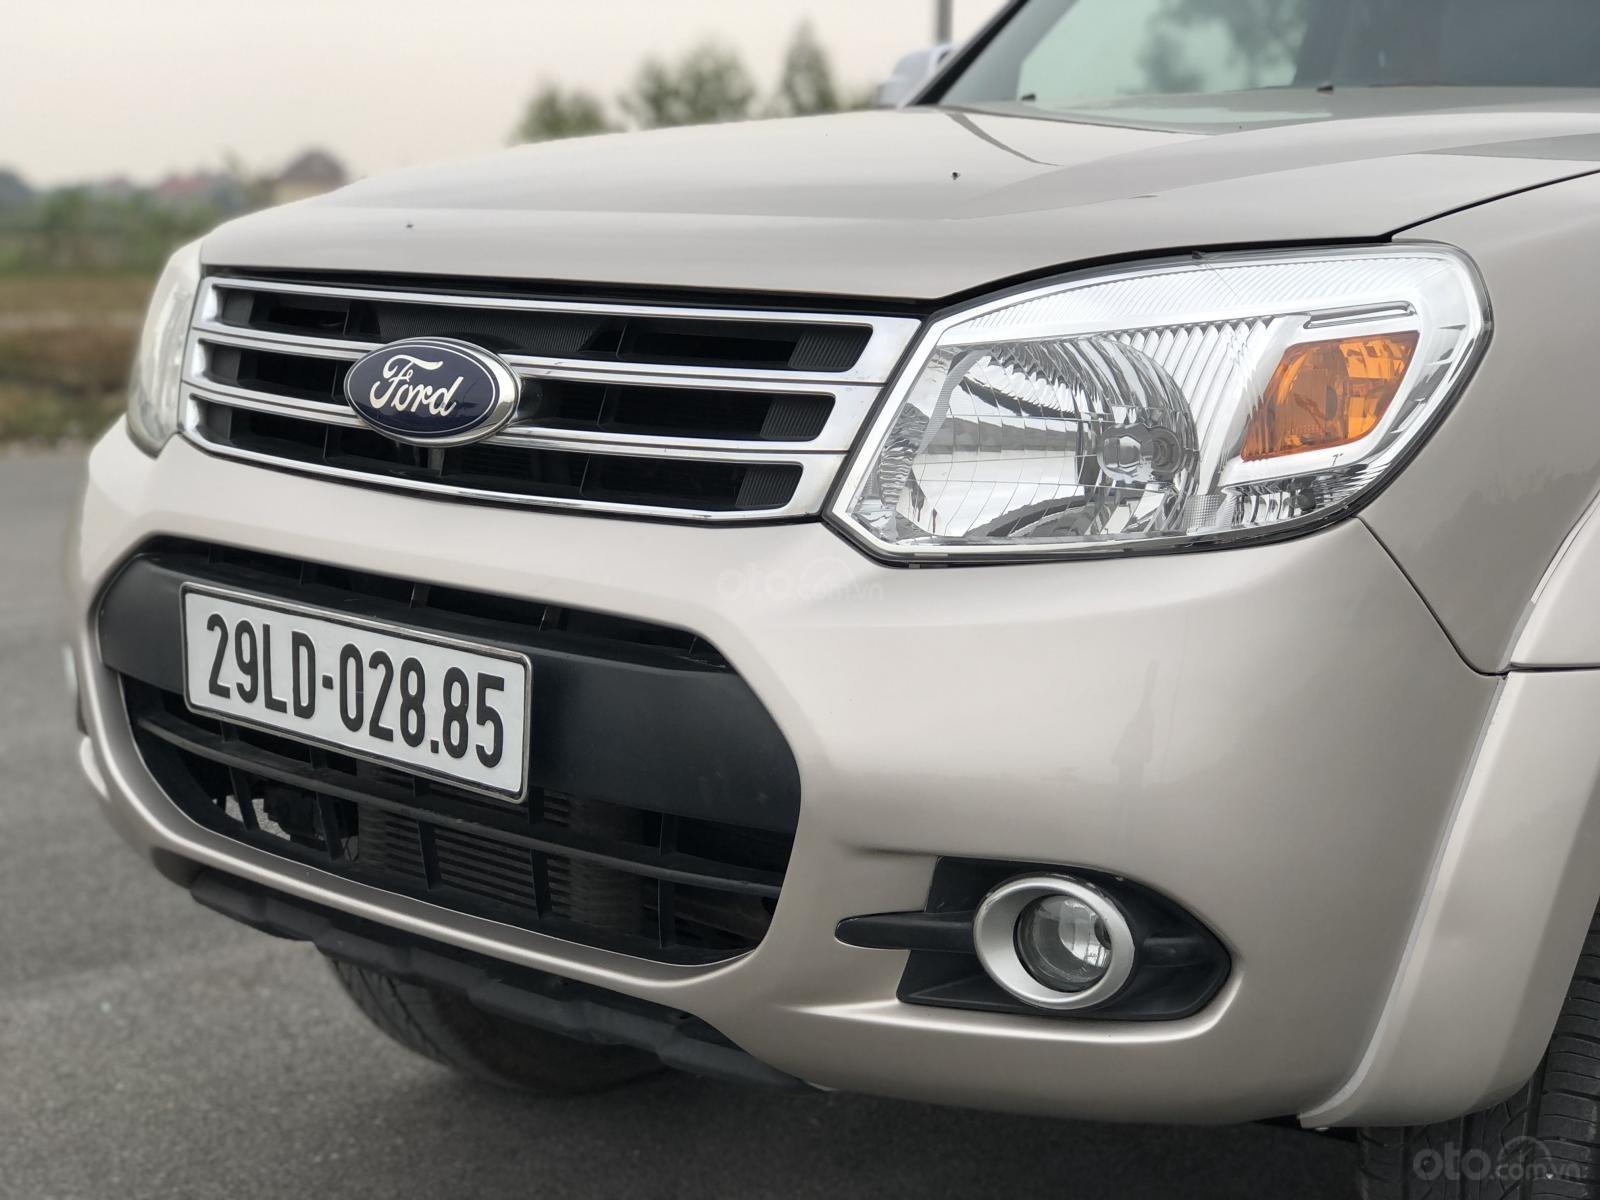 Ford Everest 2015 máy dầu số sàn, giá vô cùng hợp lý (6)